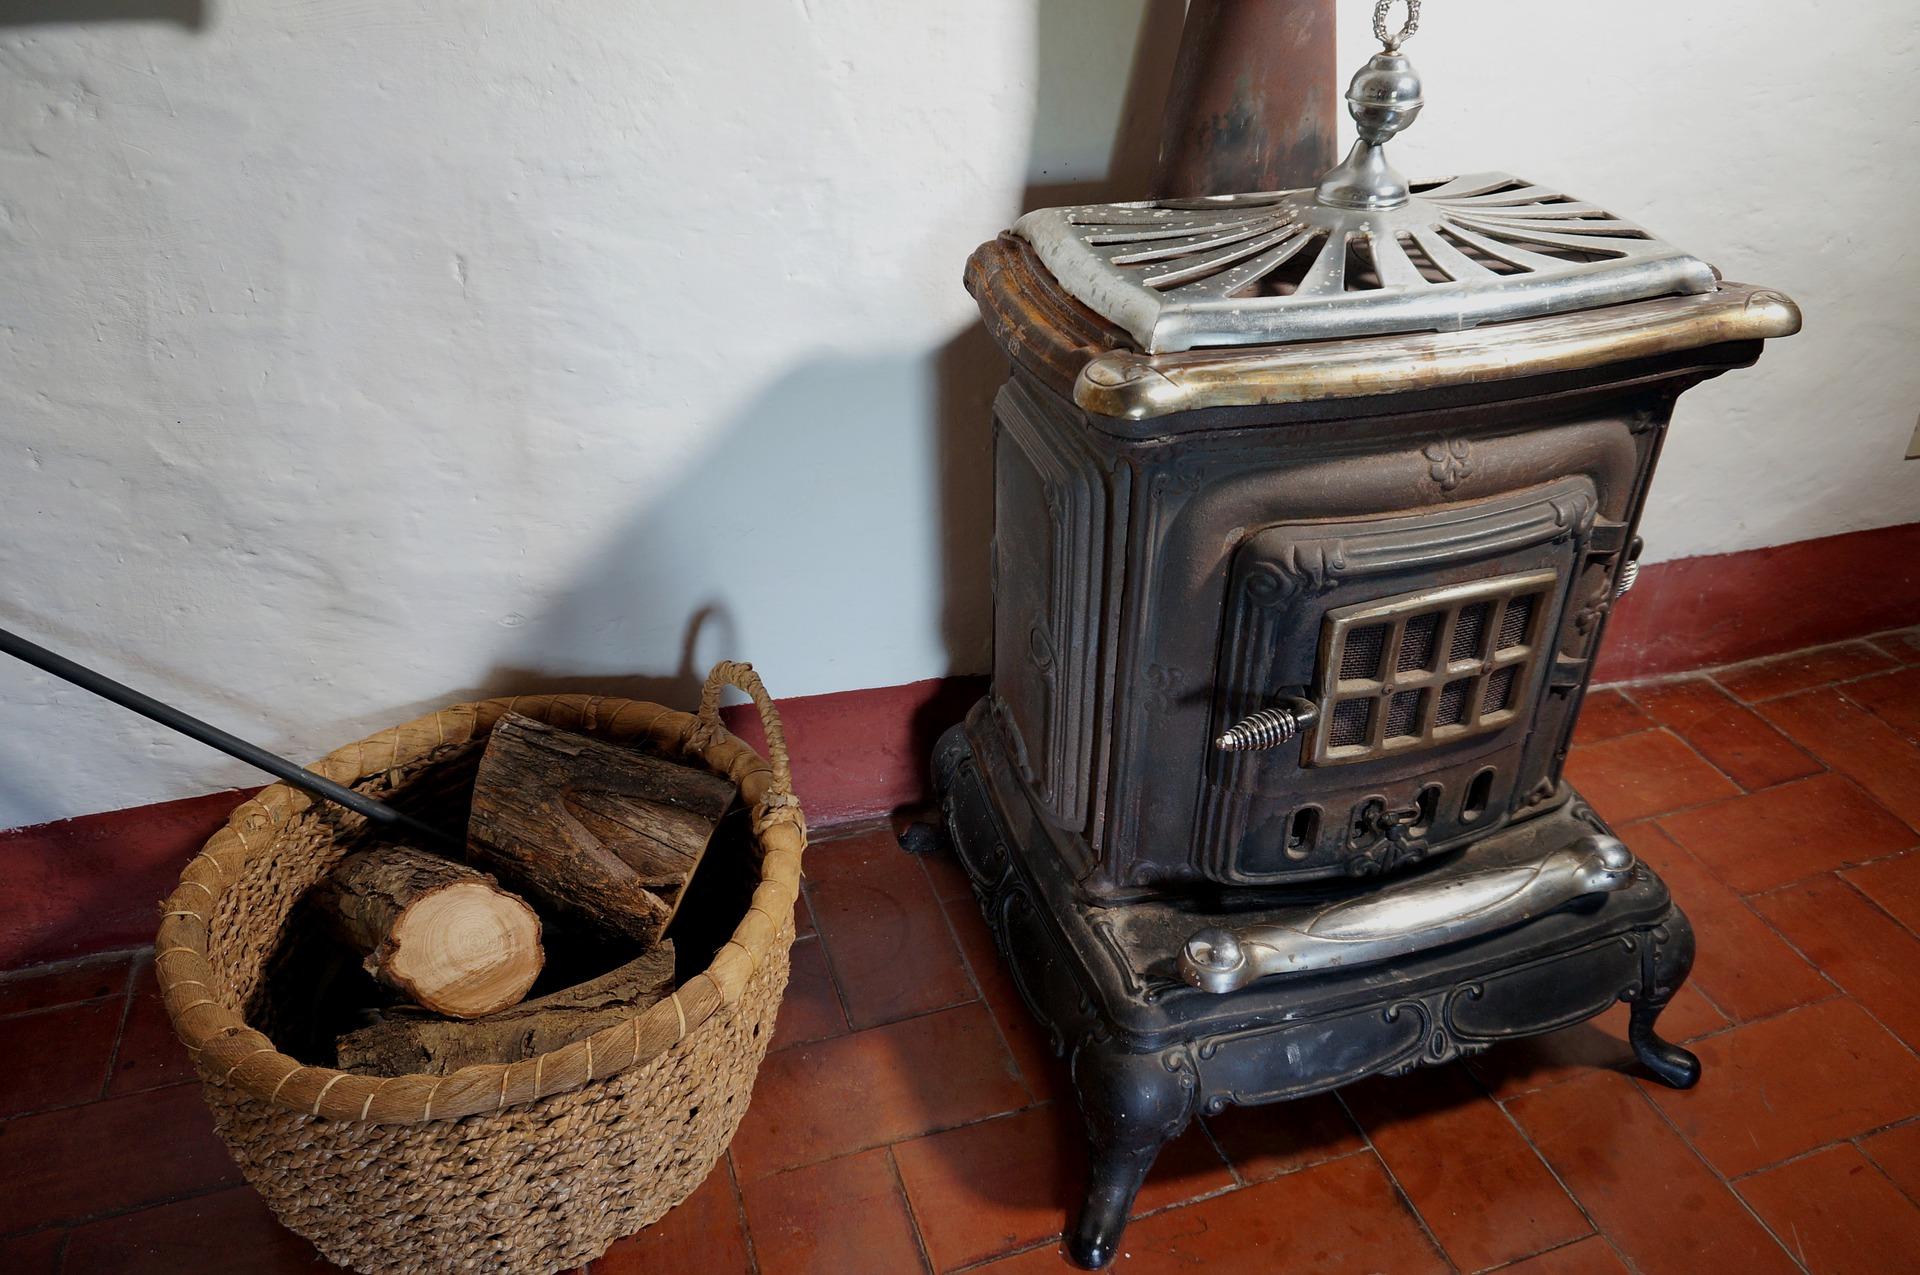 Poêle à bois : le chauffage parfait pour réussir sa transition énergétique 2